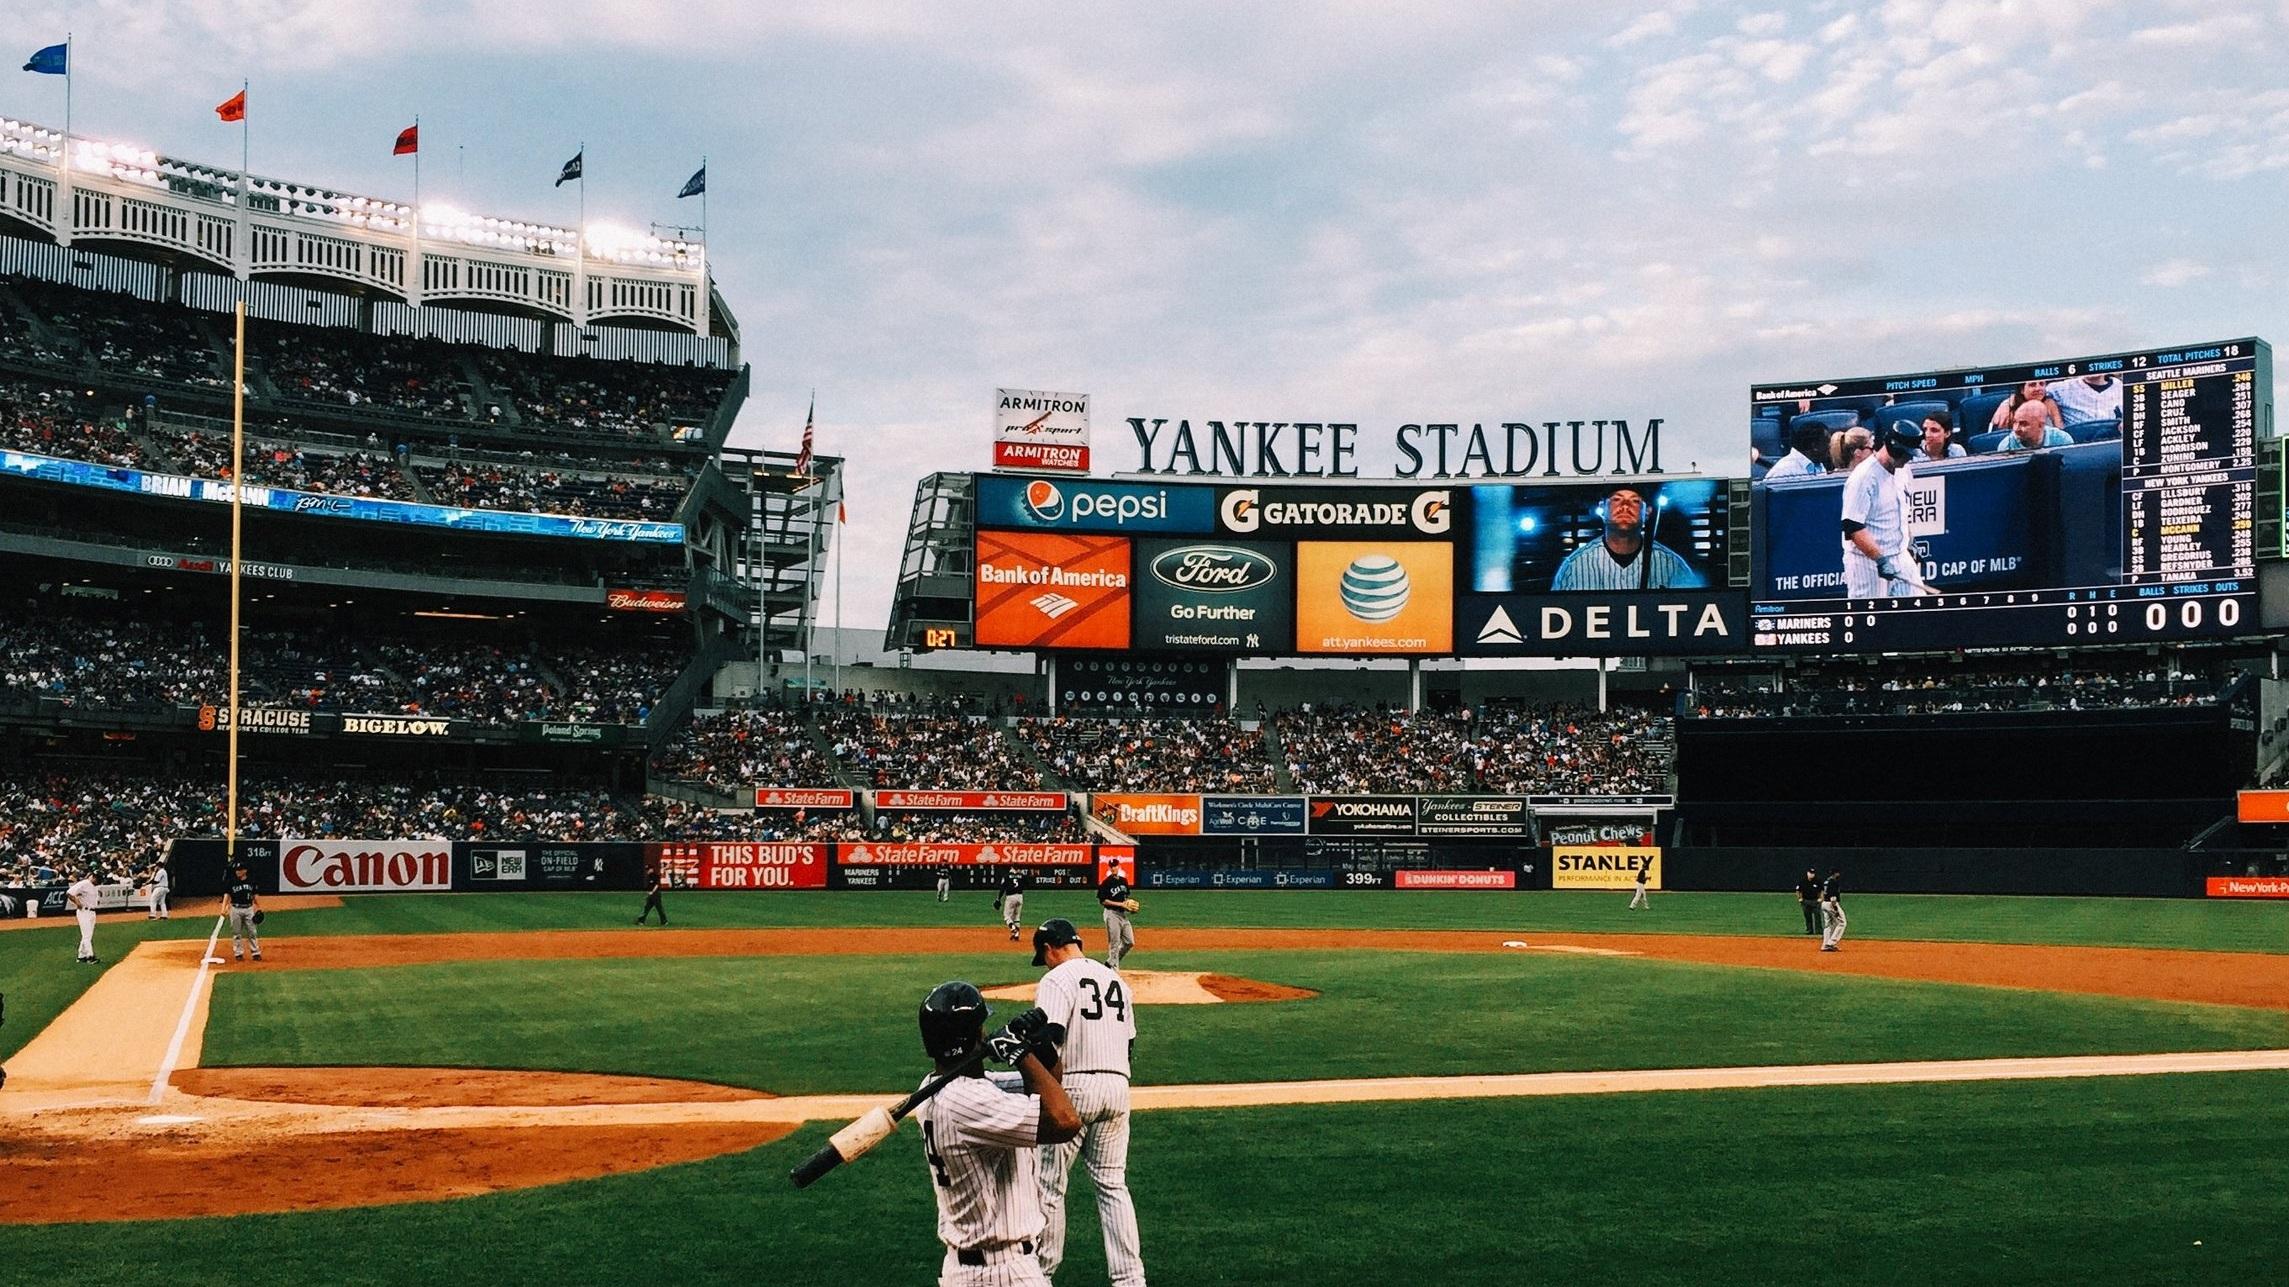 Yankee Stadium - Yankee Stadium finns i två upplagor, där det naturligtvis är den senare som används idag. De två, som bär samma namn, ligger ungefär ett kvarter ifrån varandra. Den nya invigdes 2009 efter ett byggprojekt vars nota hamnade på 2,3 miljarder dollar. Arenan har en kapacitet på 47 309 personer.